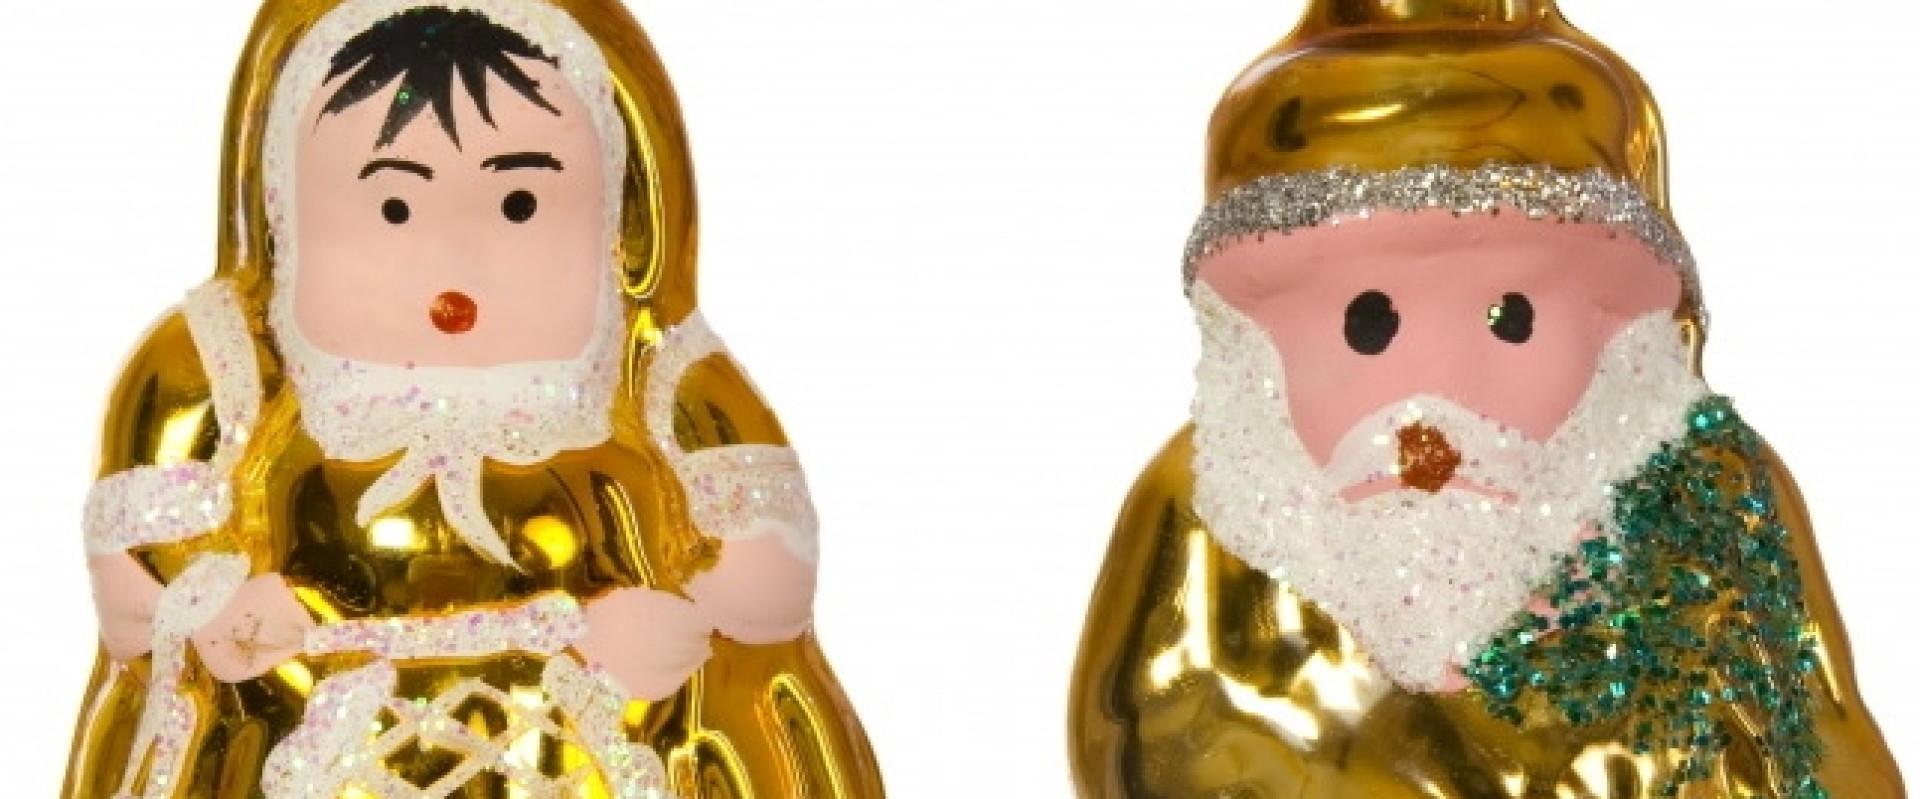 Kerststress en het geheim van de Kerstman